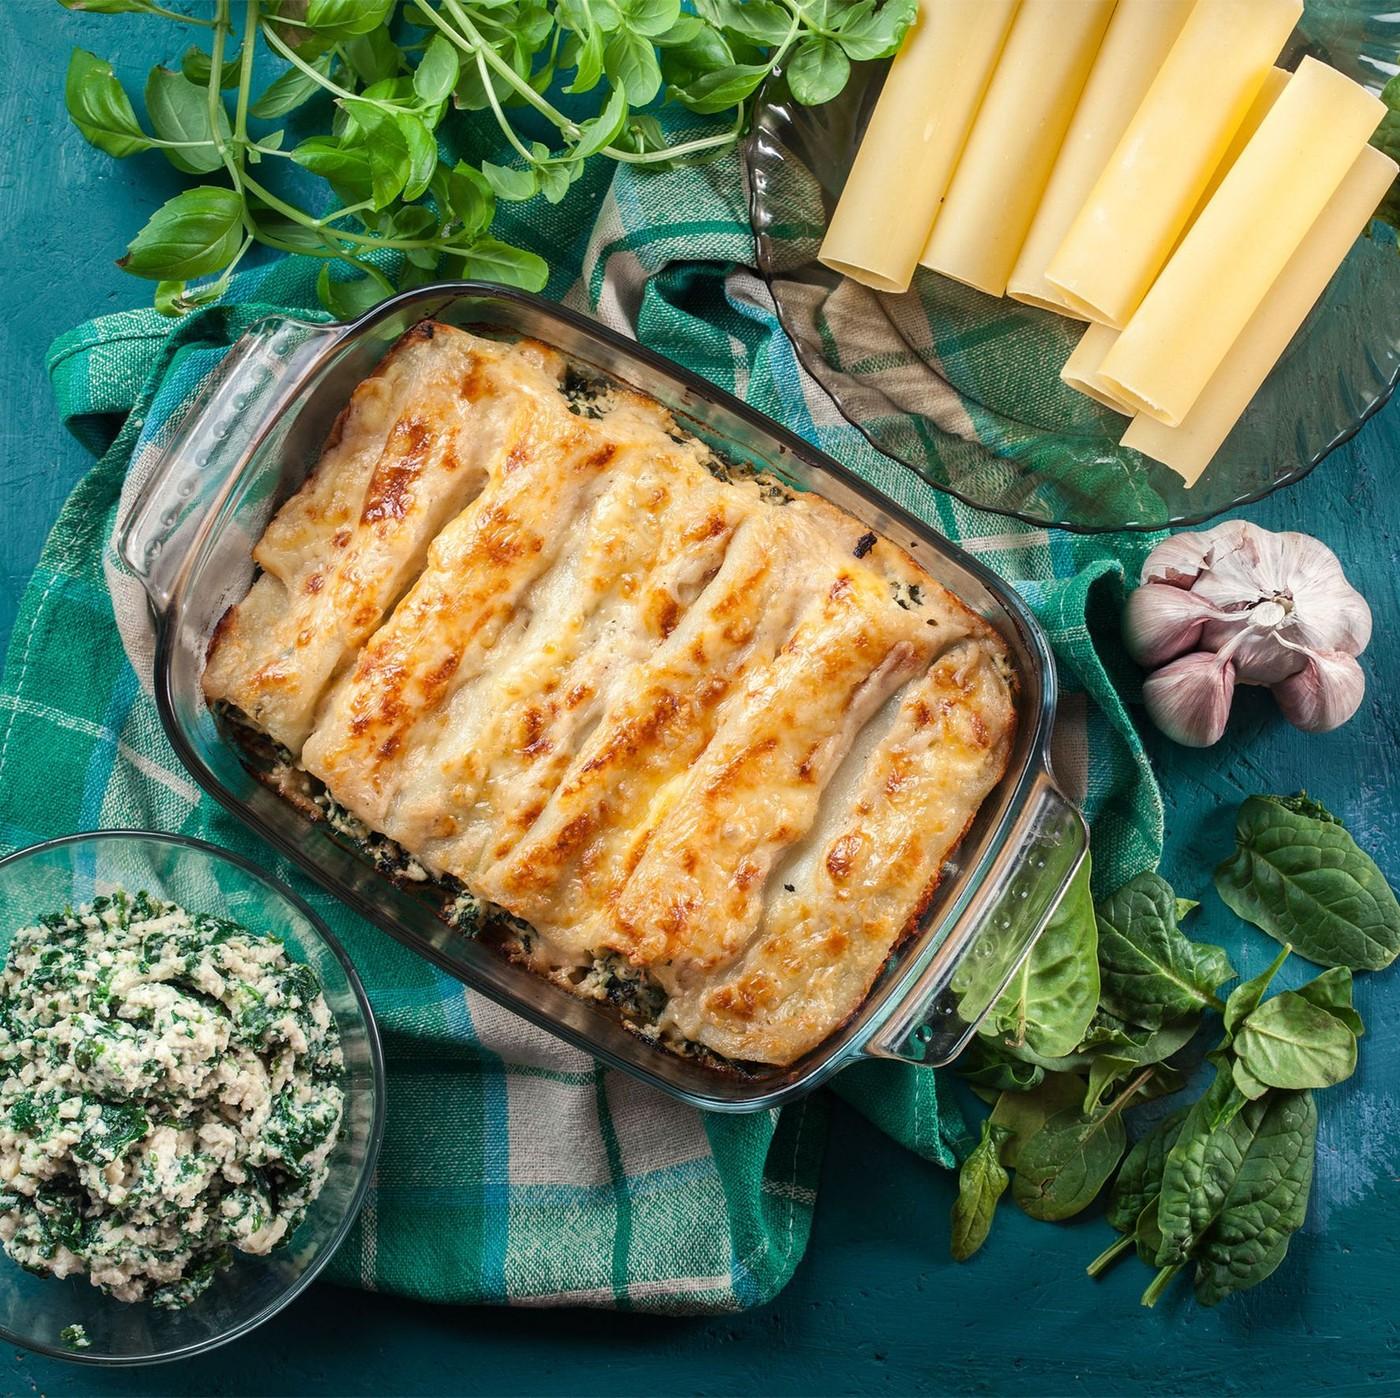 receta de Canelones de ricotta y espinacas con bechamel